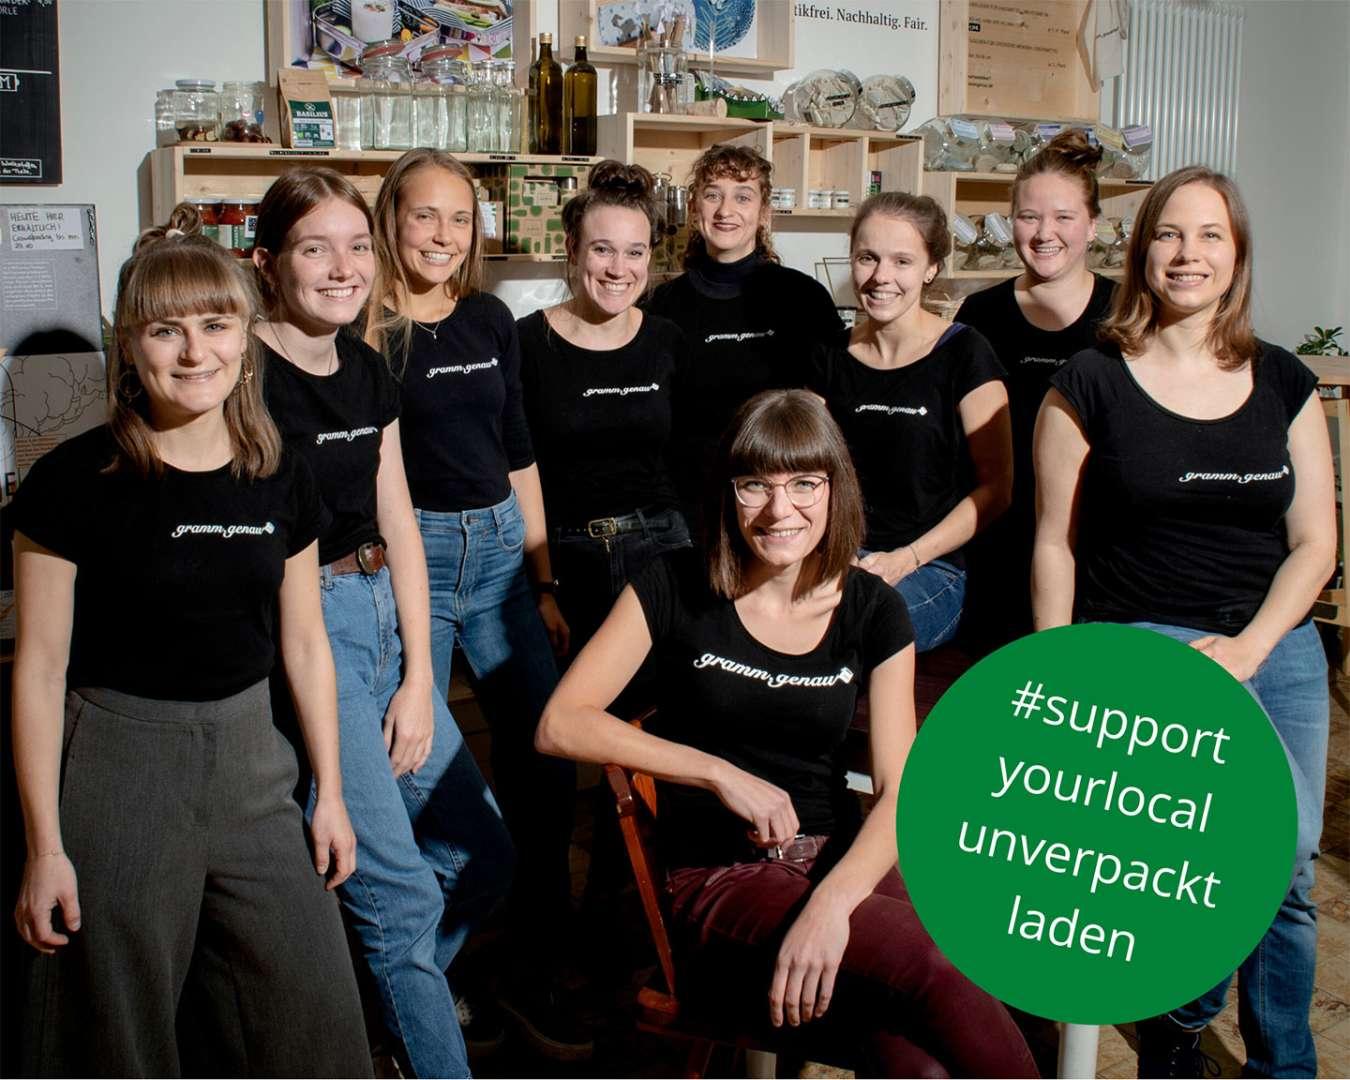 #supportyourlocalunverpacktladen